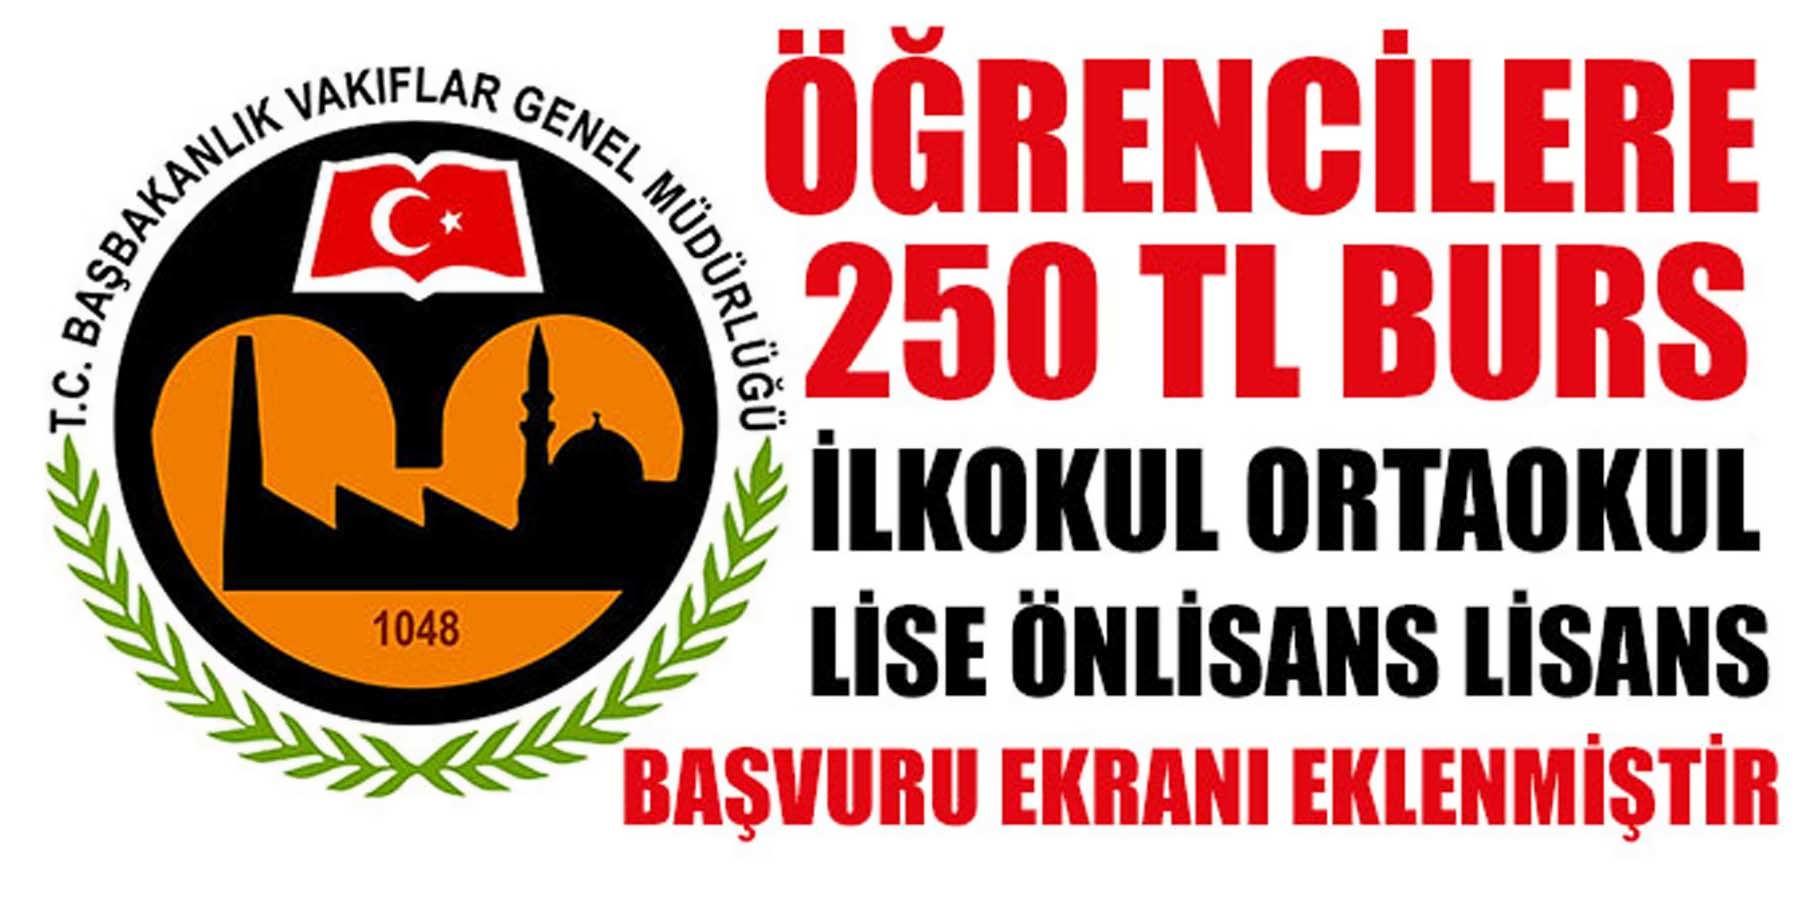 Vakıflar Genel Müdürlüğü Tarafından Öğrencilere 250 TL Burs Başvurusu